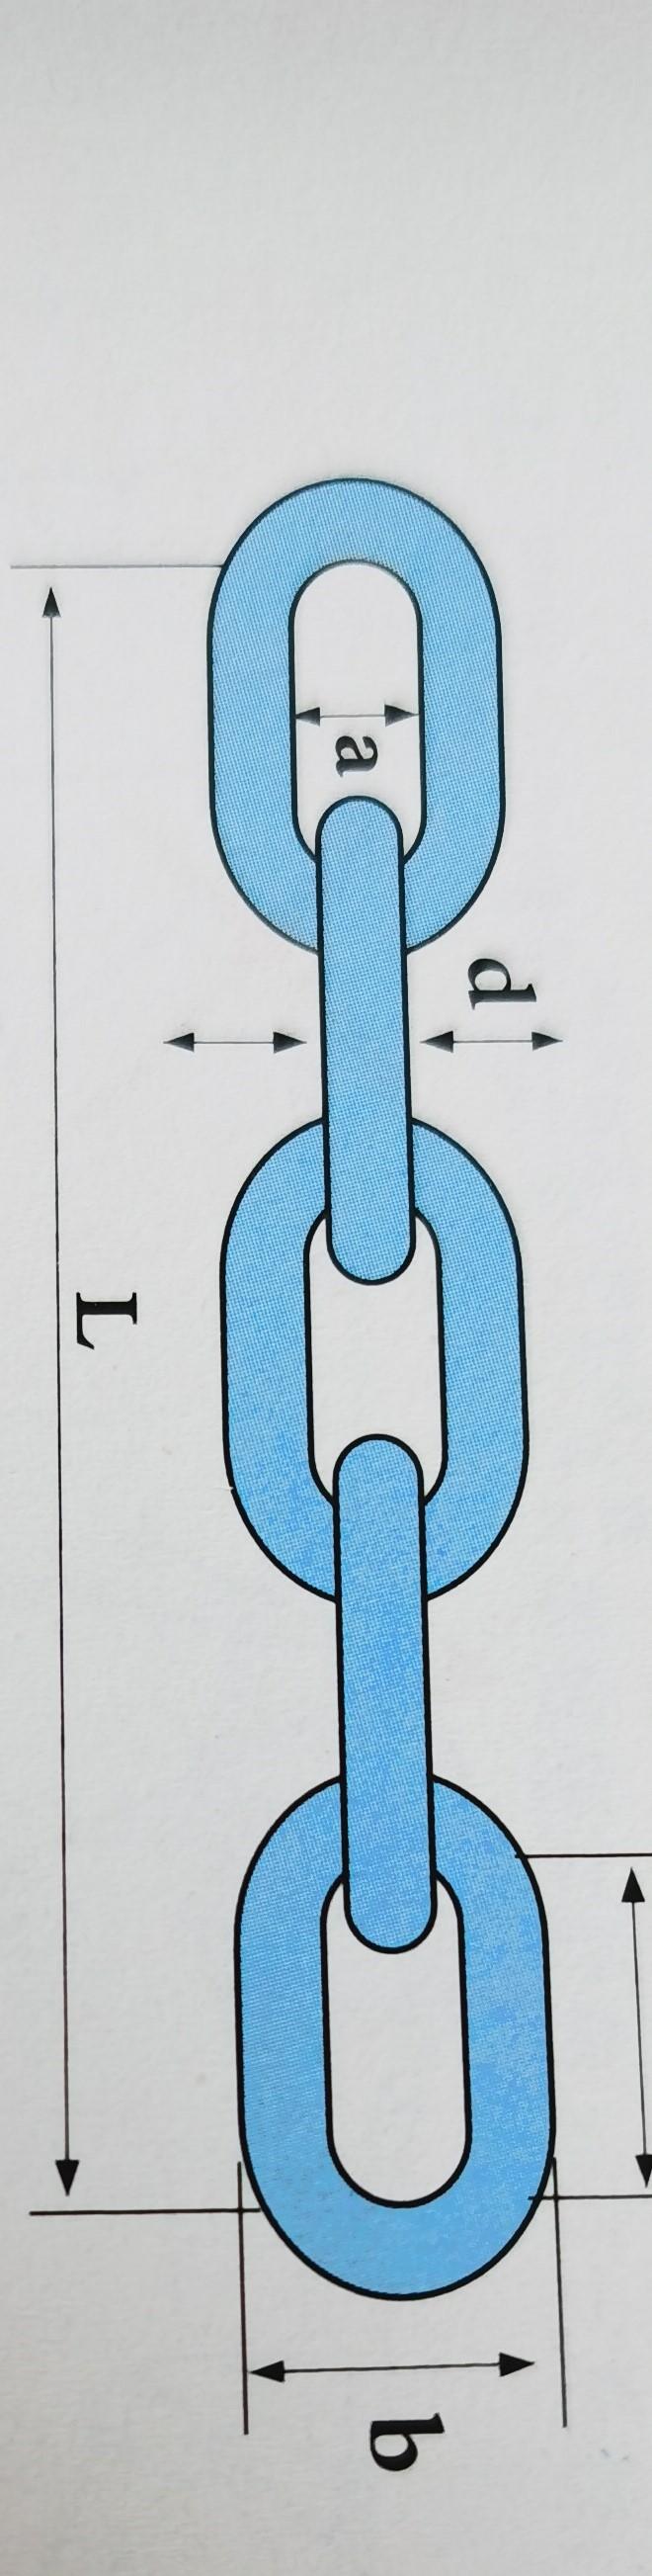 挡水链-41环 挡水链-41环